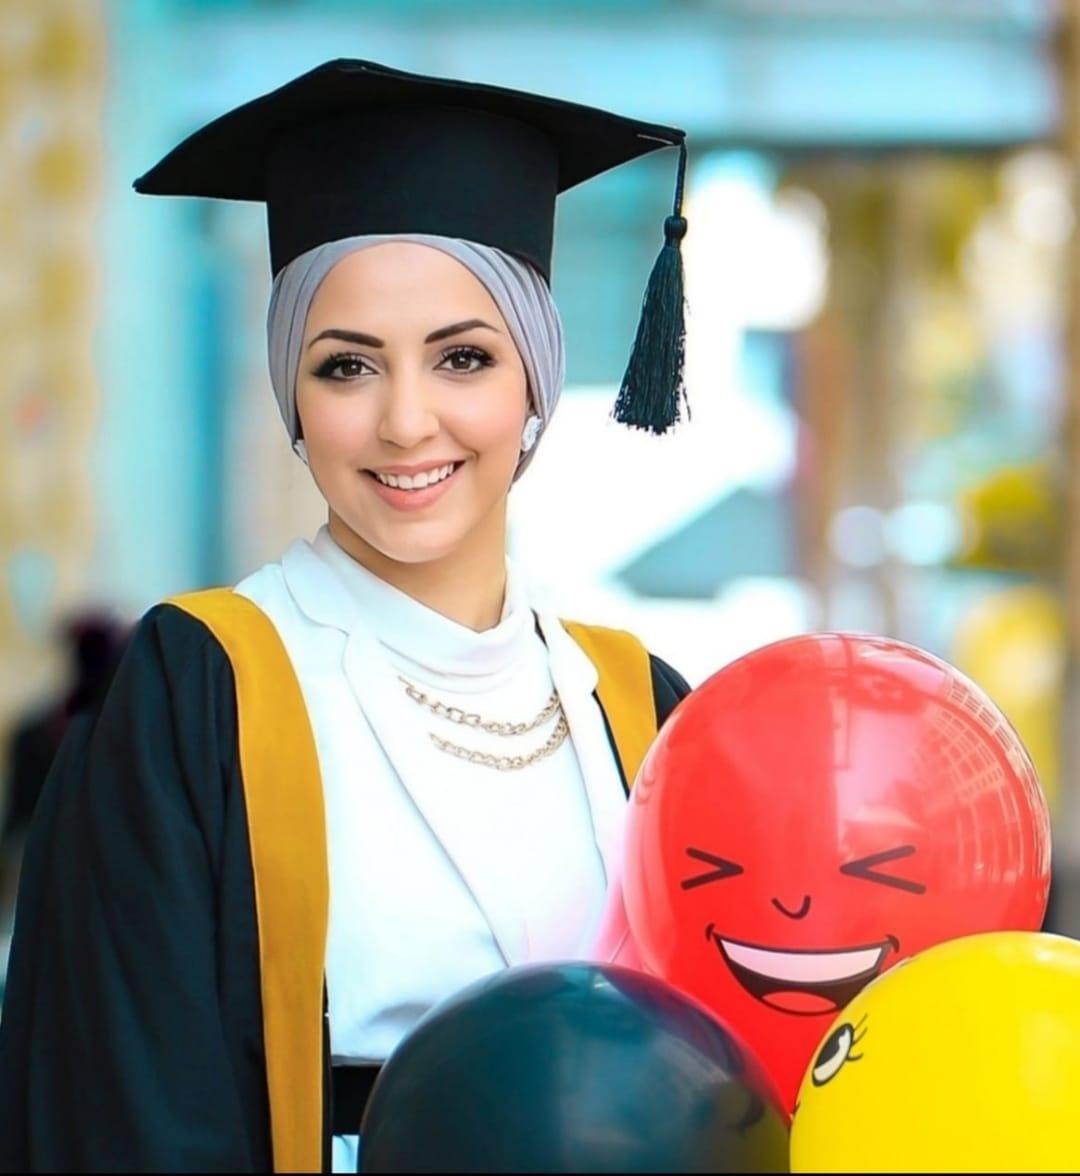 تهنئة للمهندسة نعمات حسين الديسي بمناسبة حصولها على الماجستير في هندسة العمارة